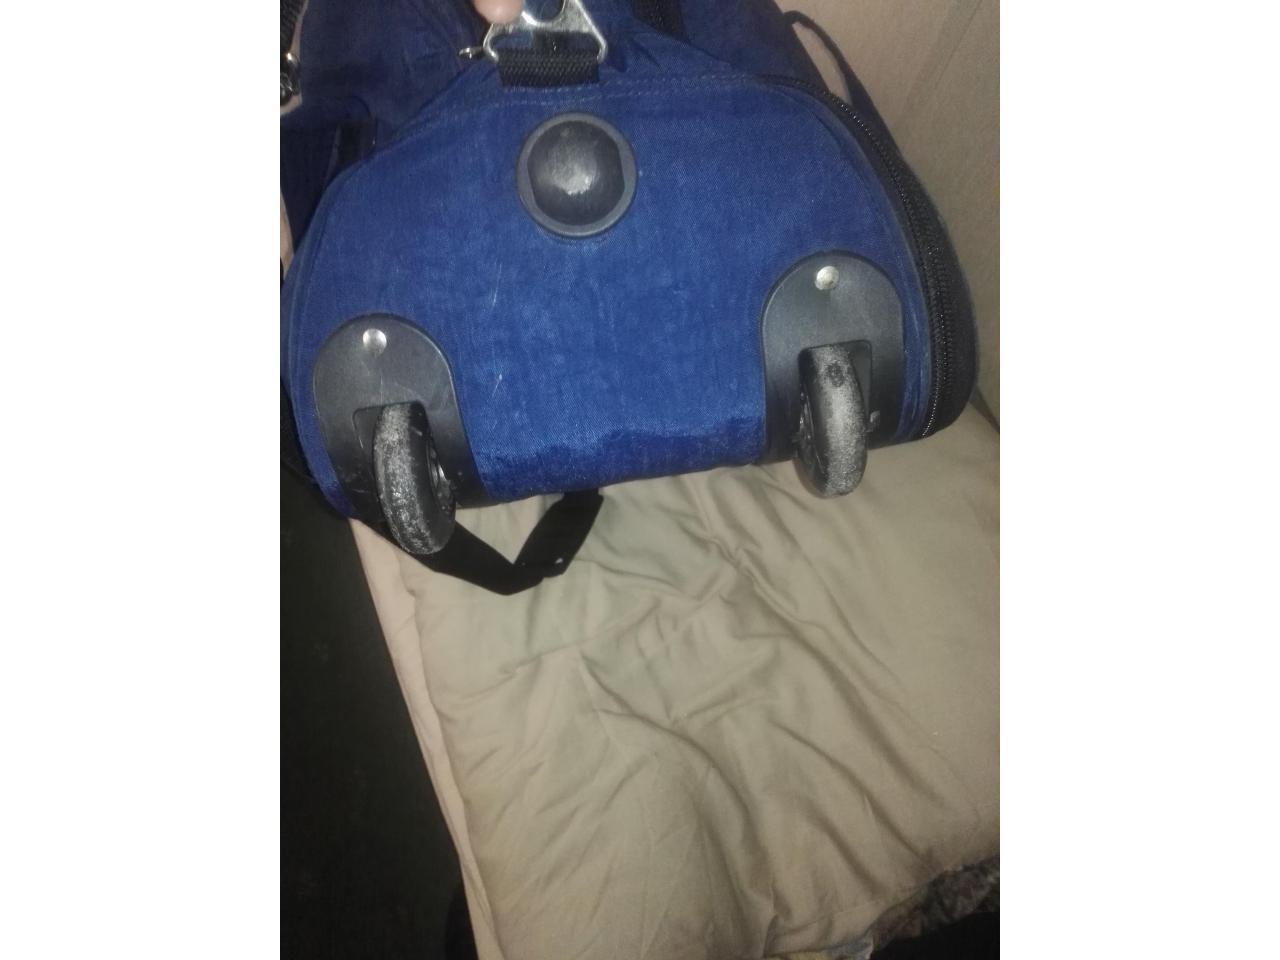 Дорожная сумка- ручная кладь,2 рабочие сапоги, спальный мешок, постельный комплект - 2